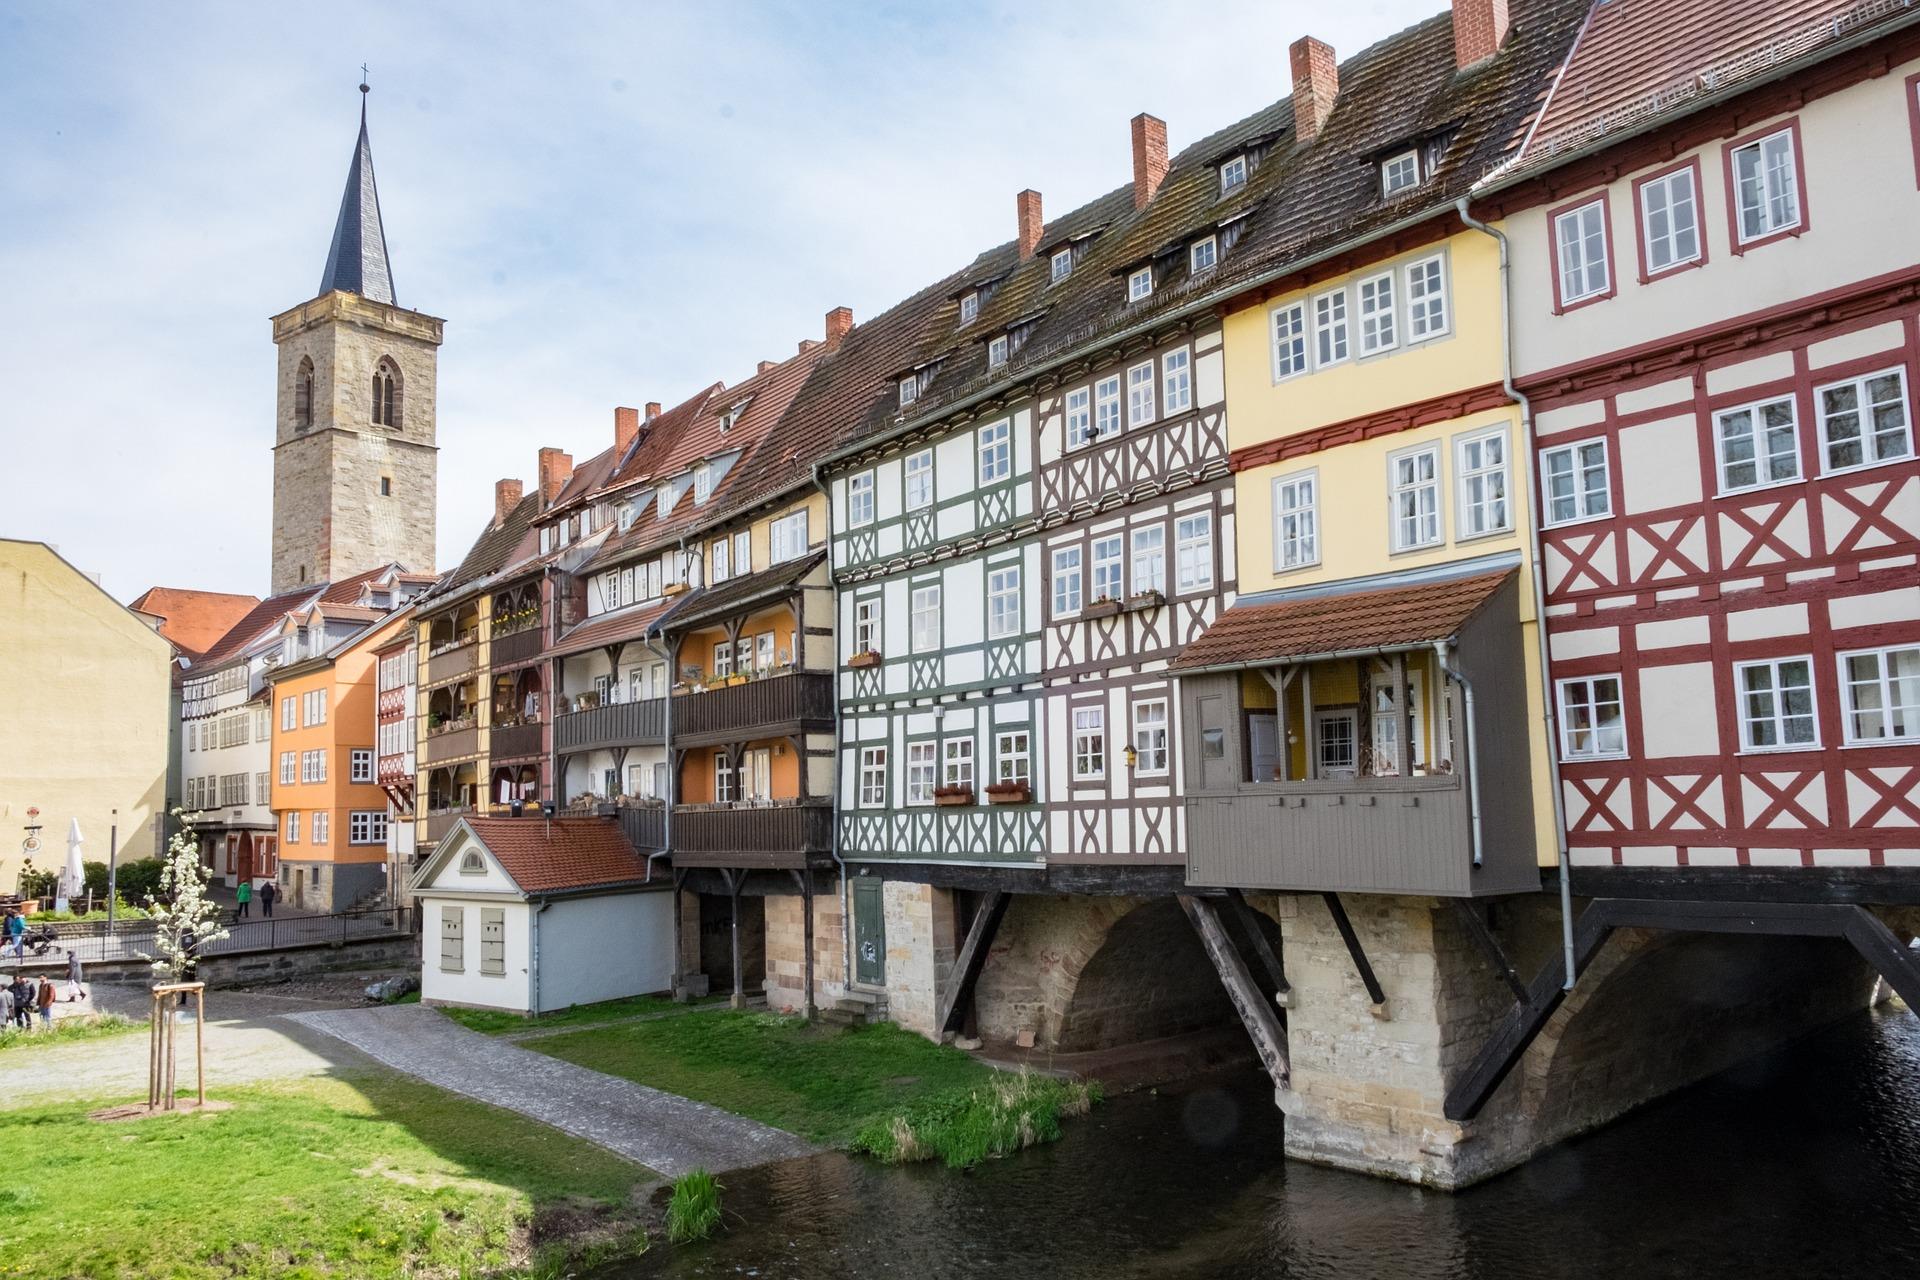 Sightseeing in Erfurt